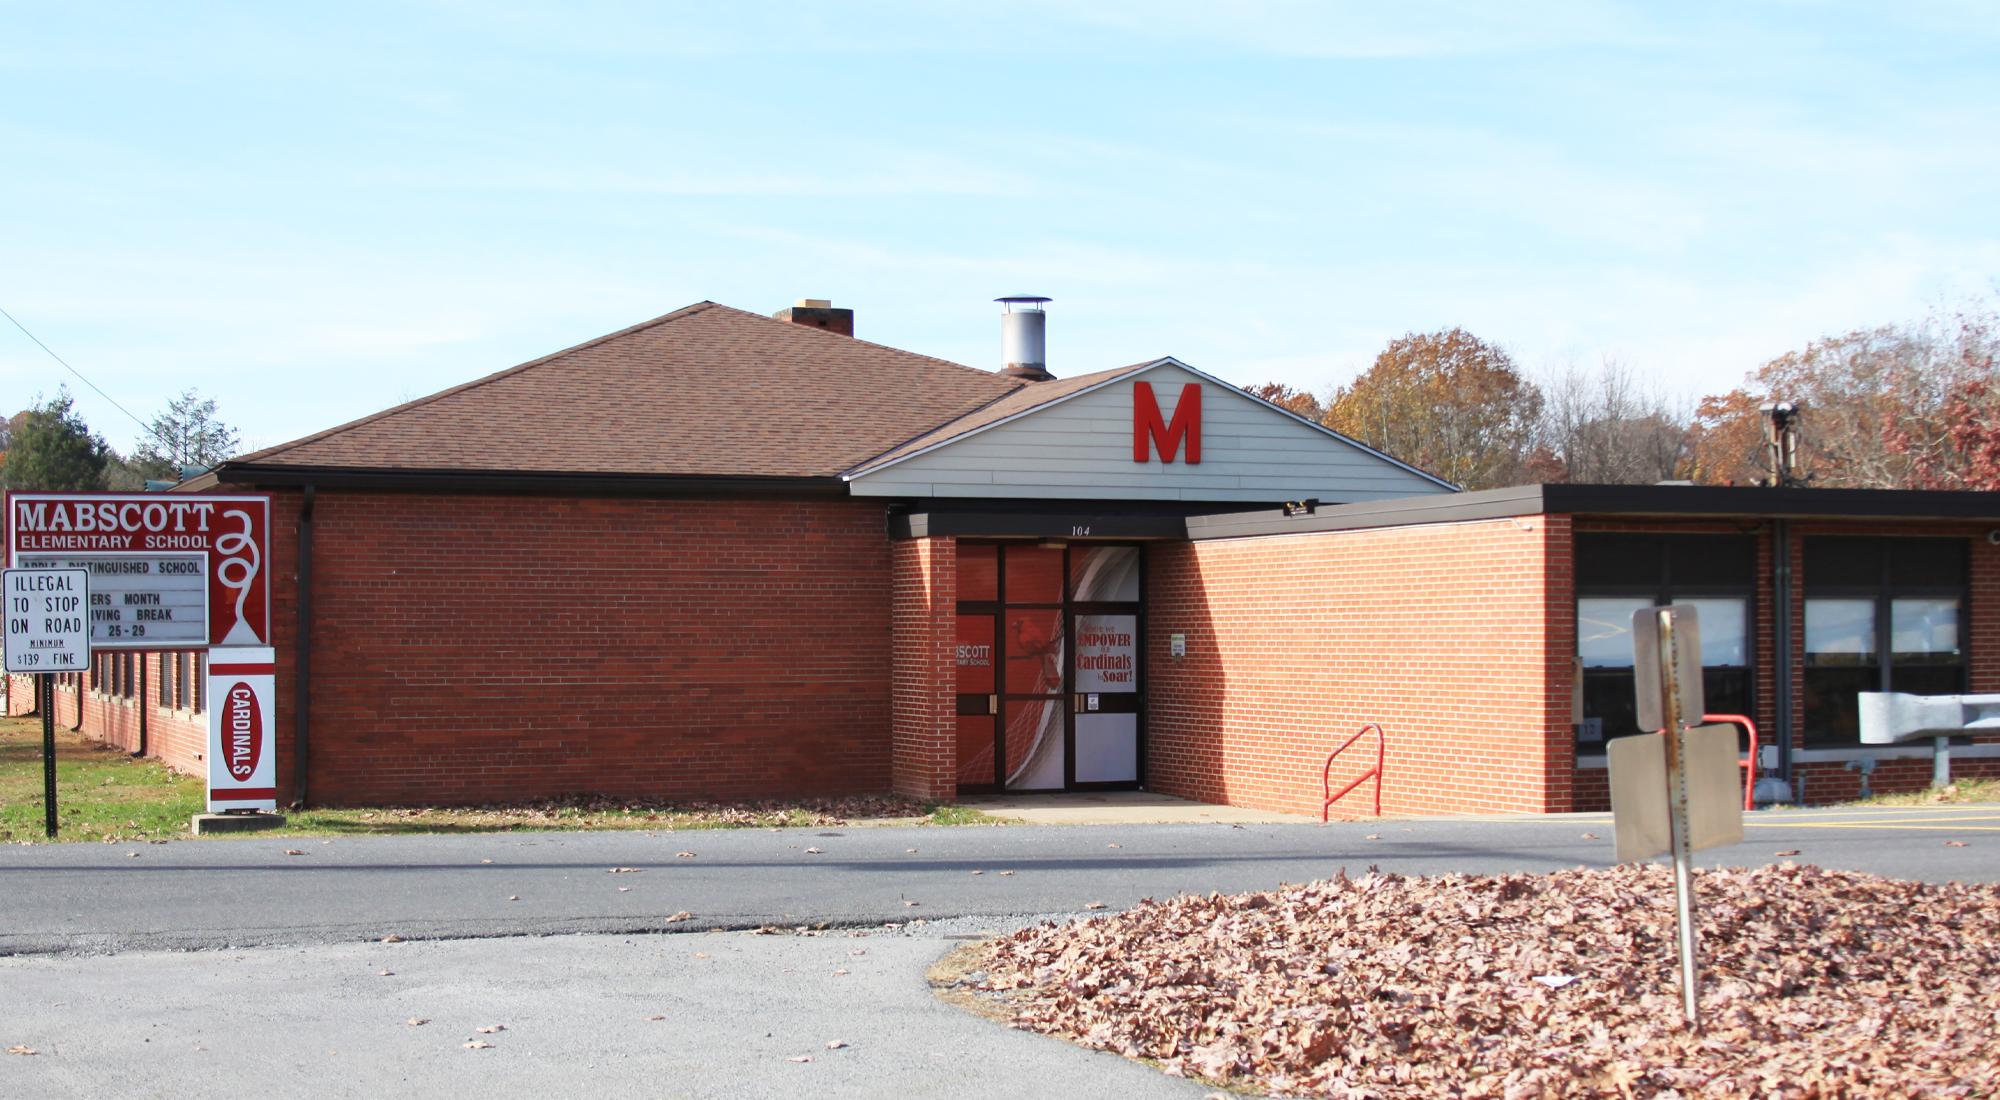 Mabscott Elementary School